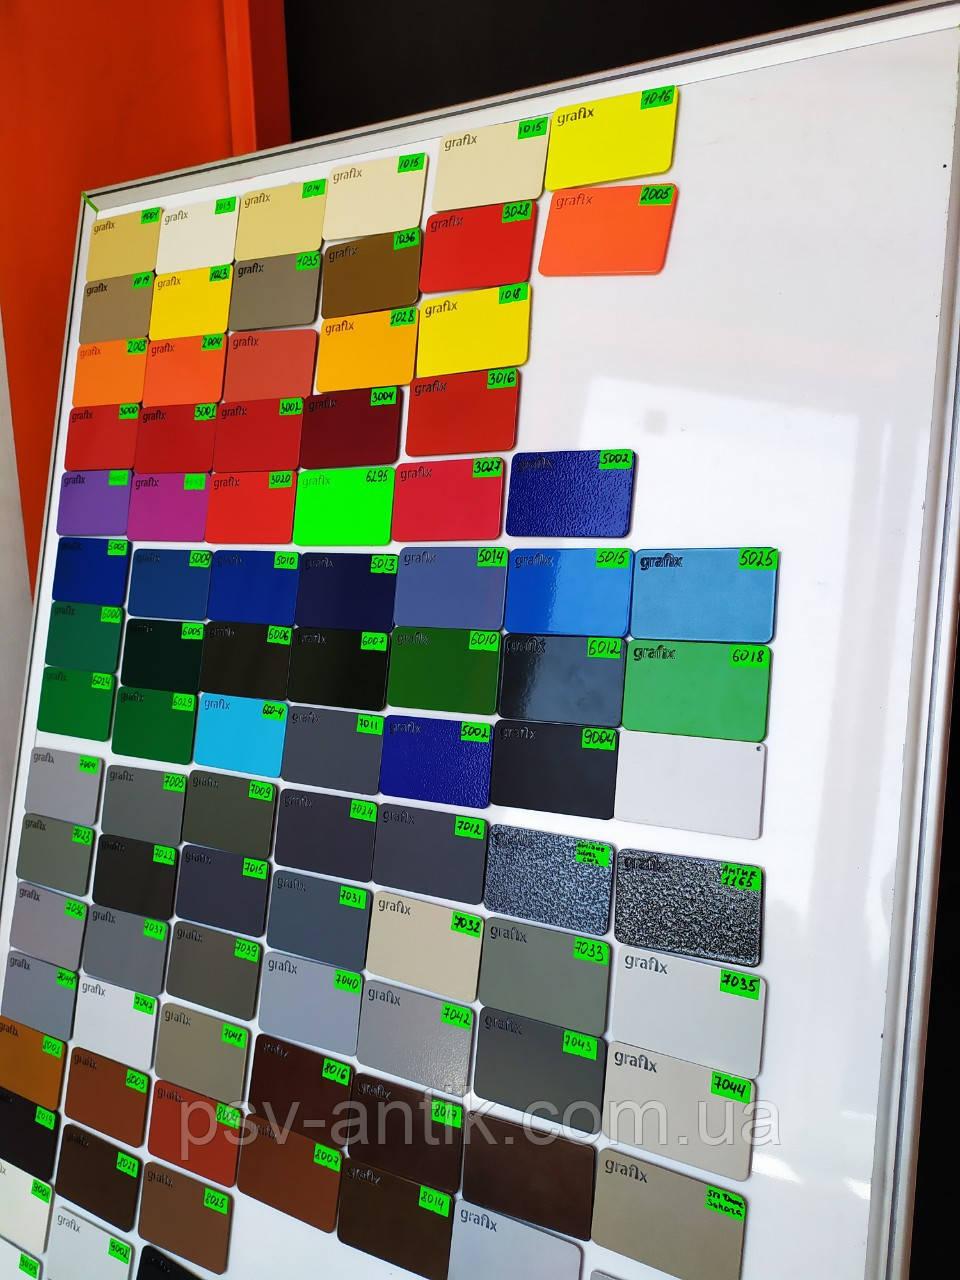 Порошковая краска структурная, полиэфирная, архитектурная, 7035